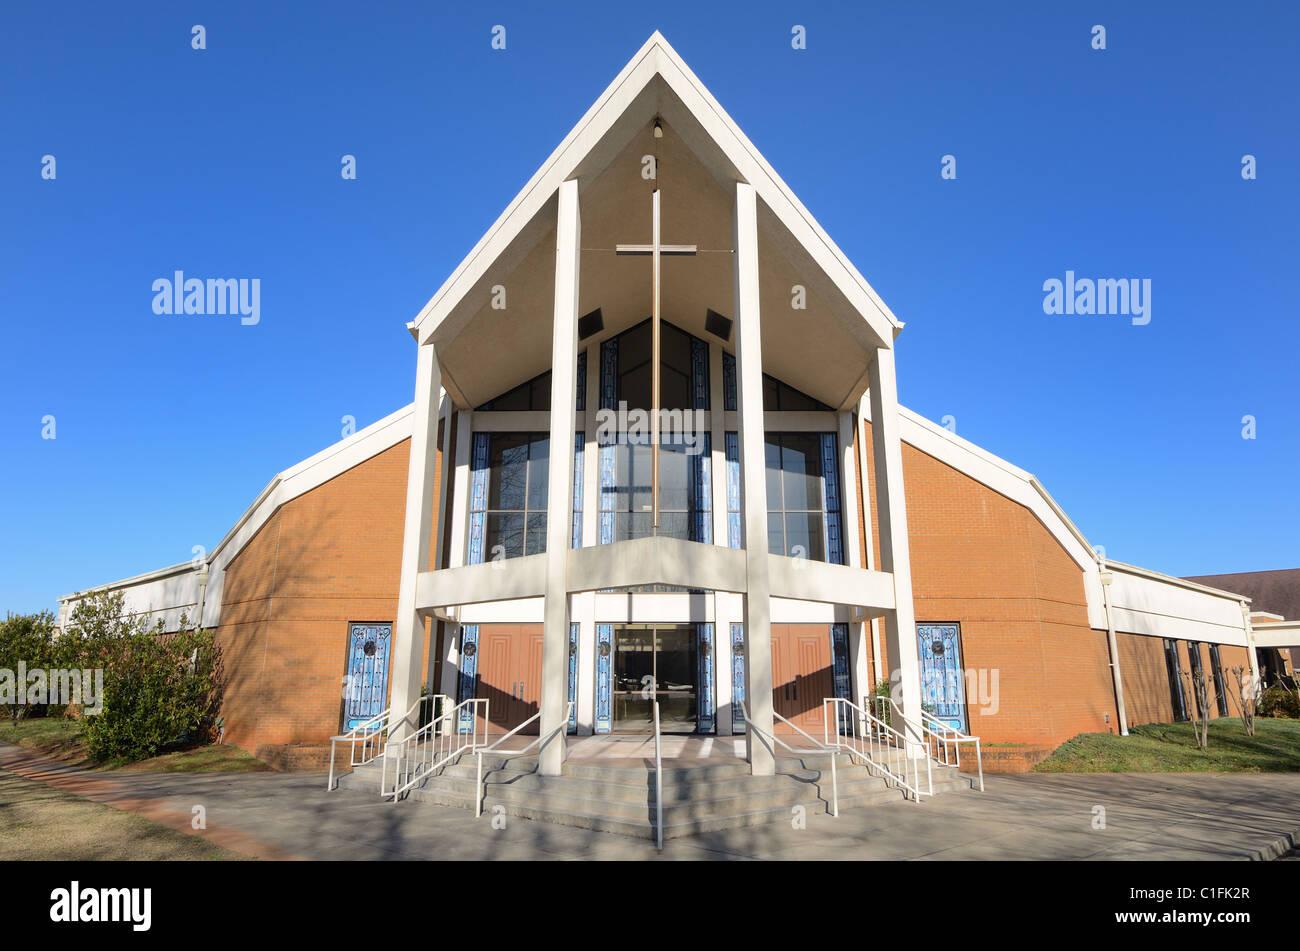 Arquitectura de una iglesia moderna Imagen De Stock